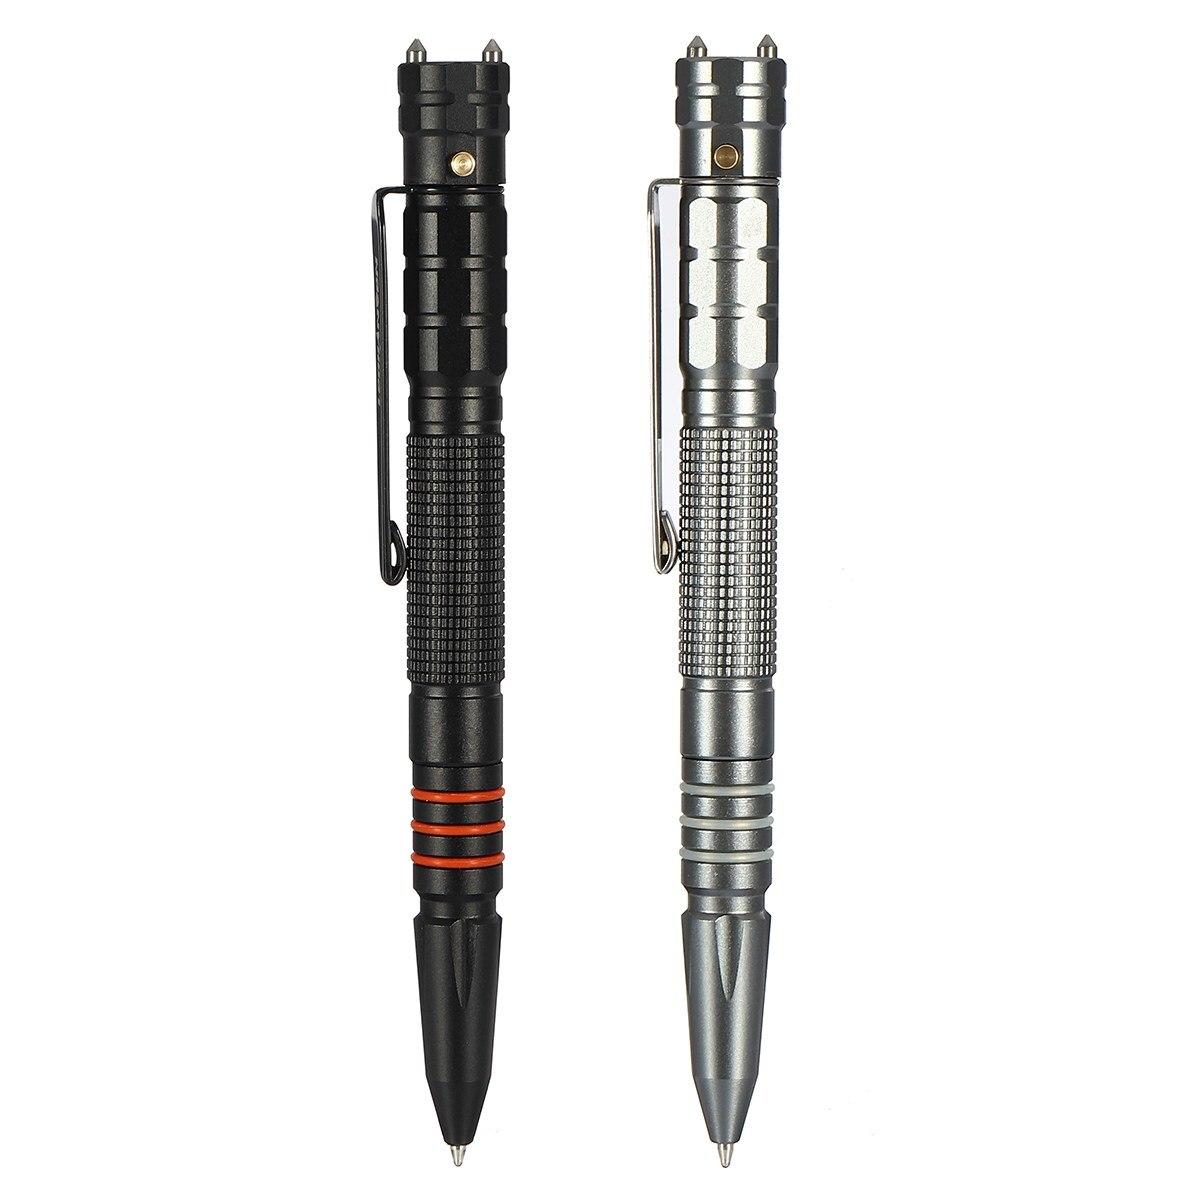 NOVA Multifuncional Tungstênio Aço Tactical Pen Tool Com LED Lanterna Tocha Auto Proteção de Segurança